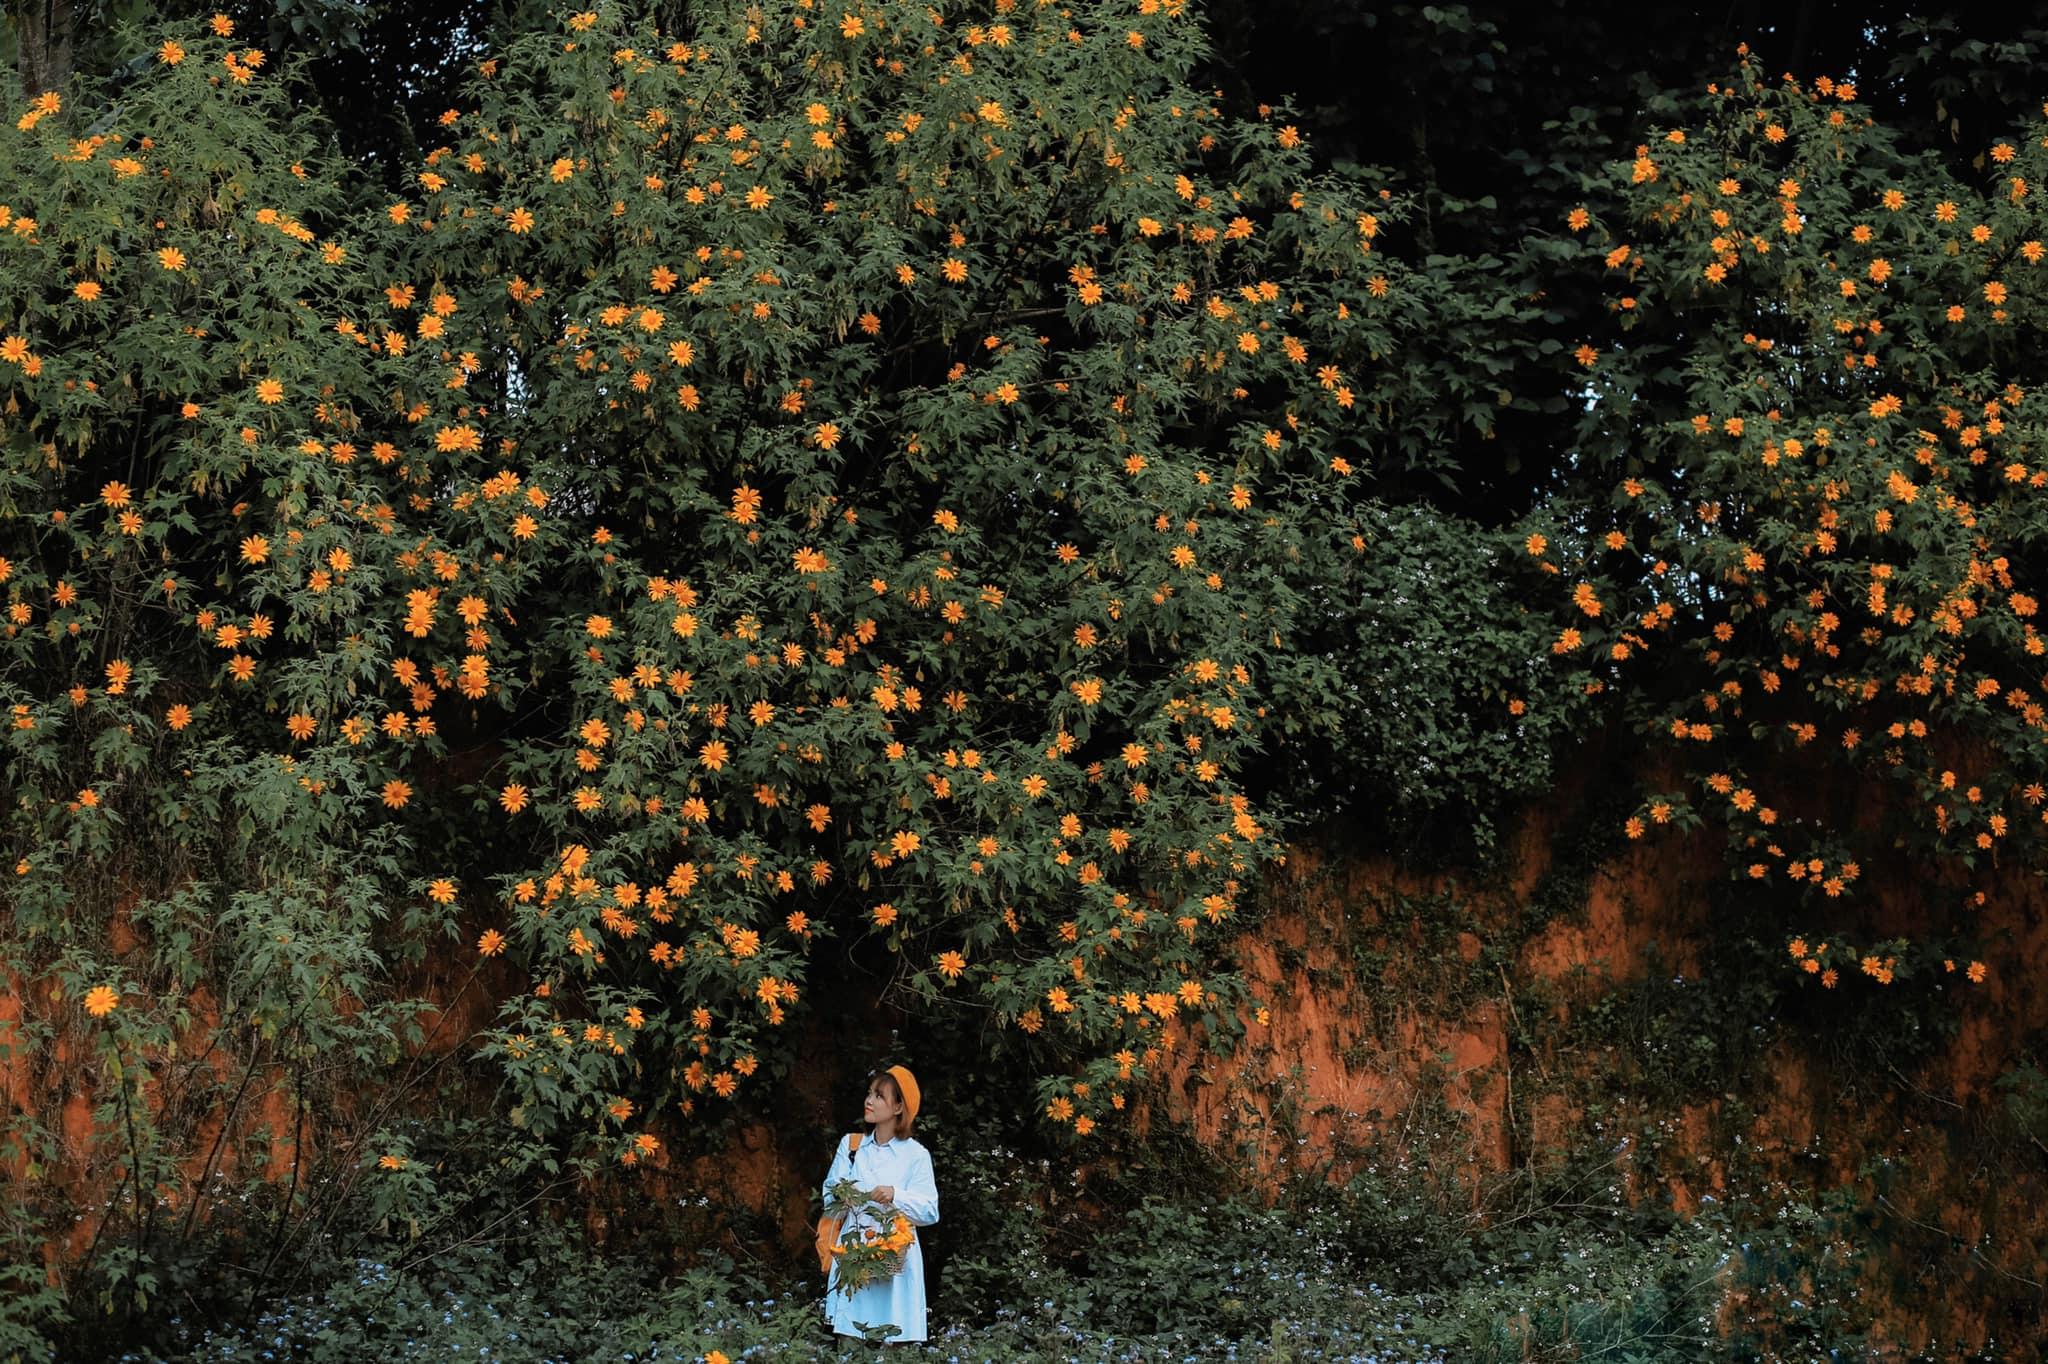 Mùa hoa dã quỳ Đà Lạt. Hình: Đồng Ngô